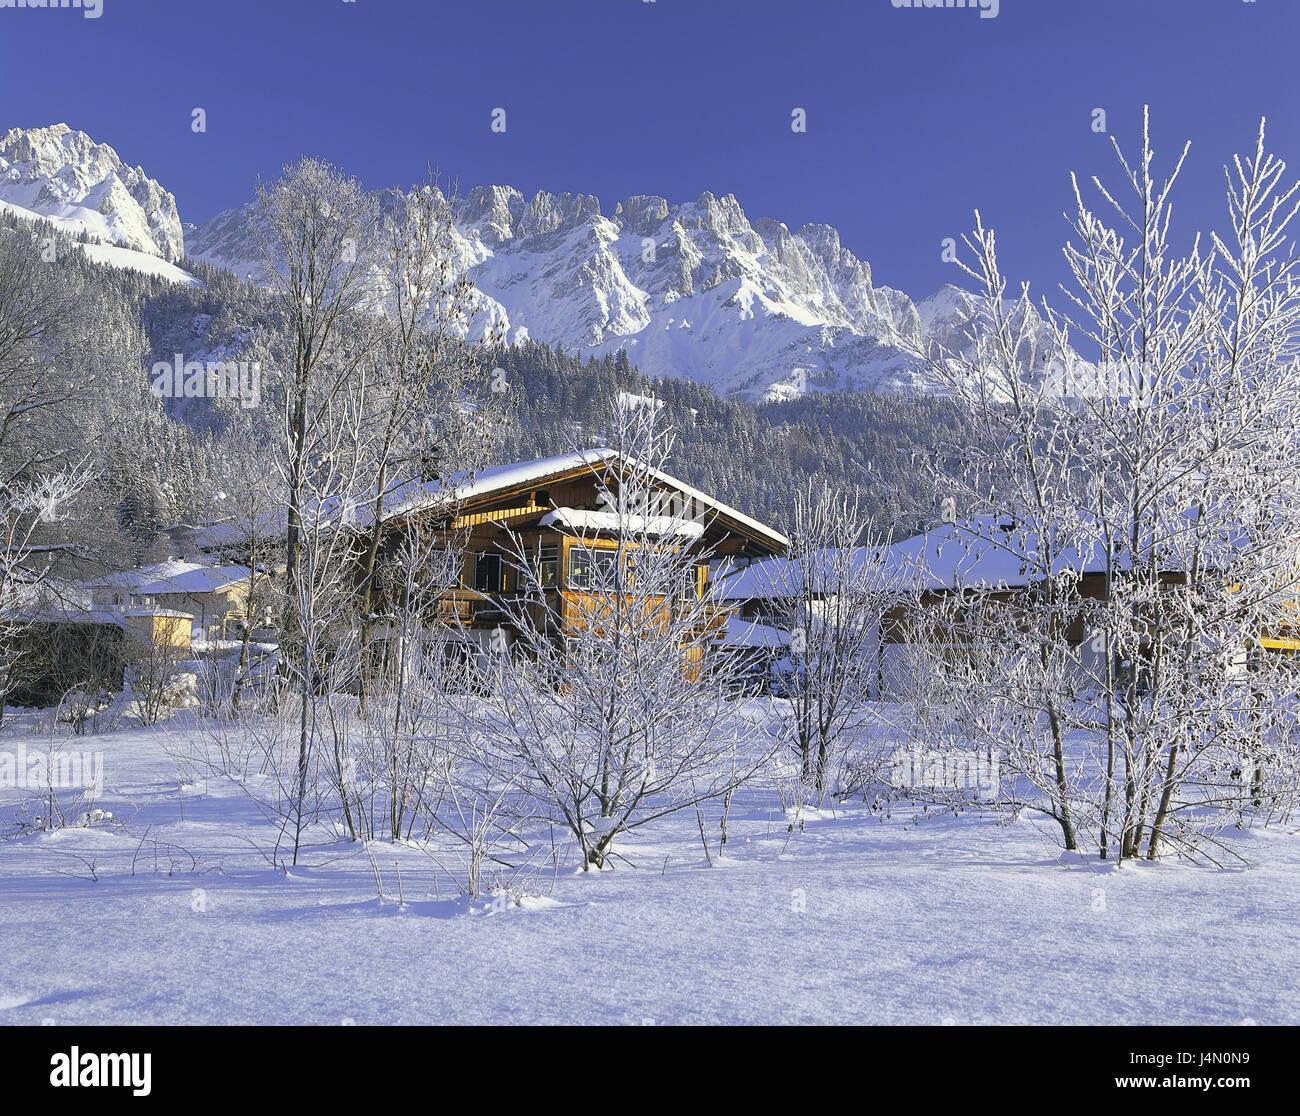 Haus Berge: Österreich, Tirol, Ellmau, Wohnhaus, Bäume, Kahle, Schnee